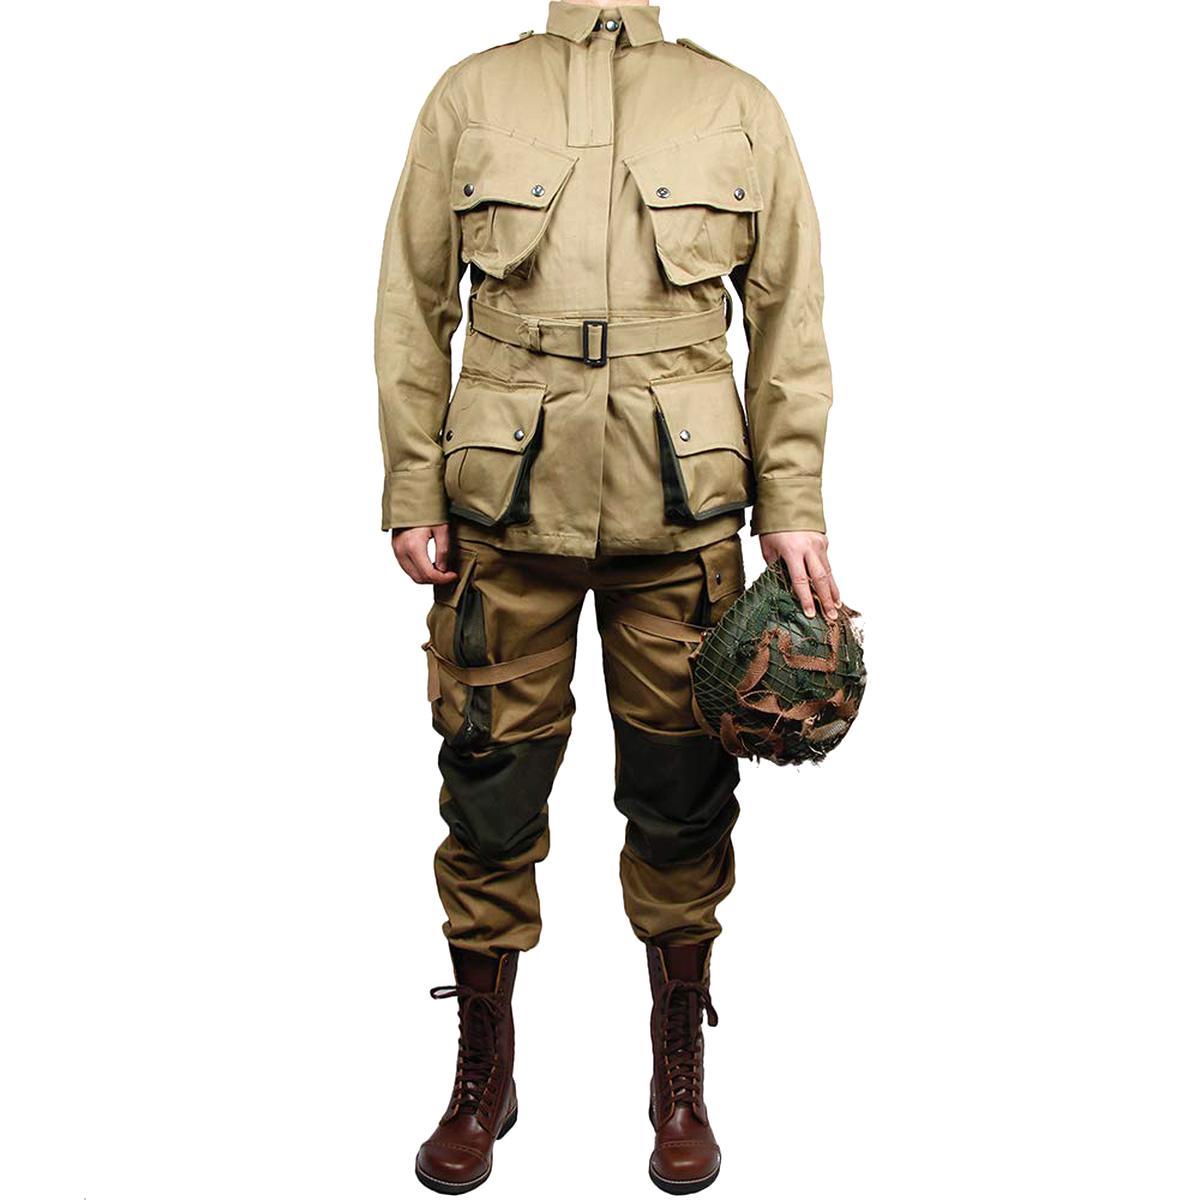 m42 uniform for sale